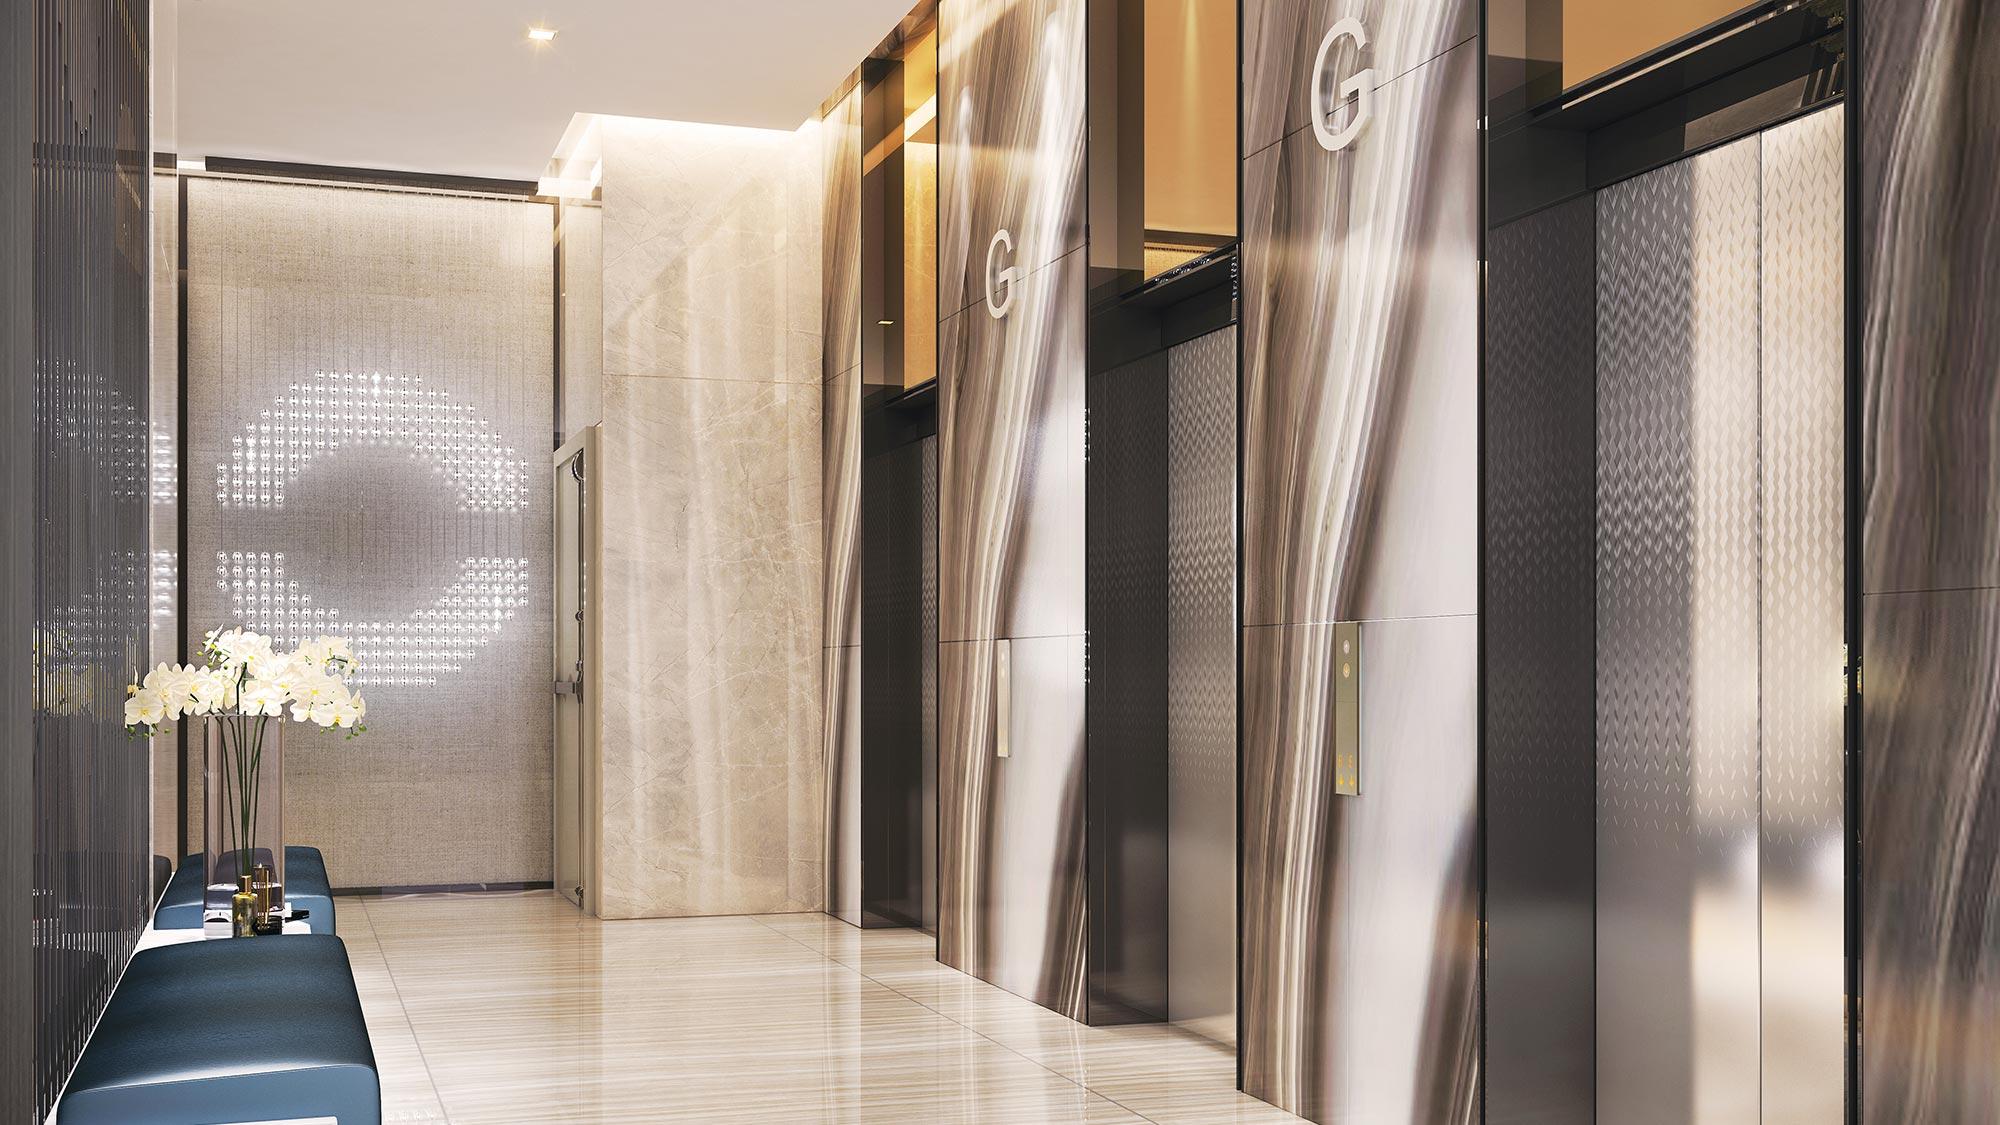 Lobby-lift